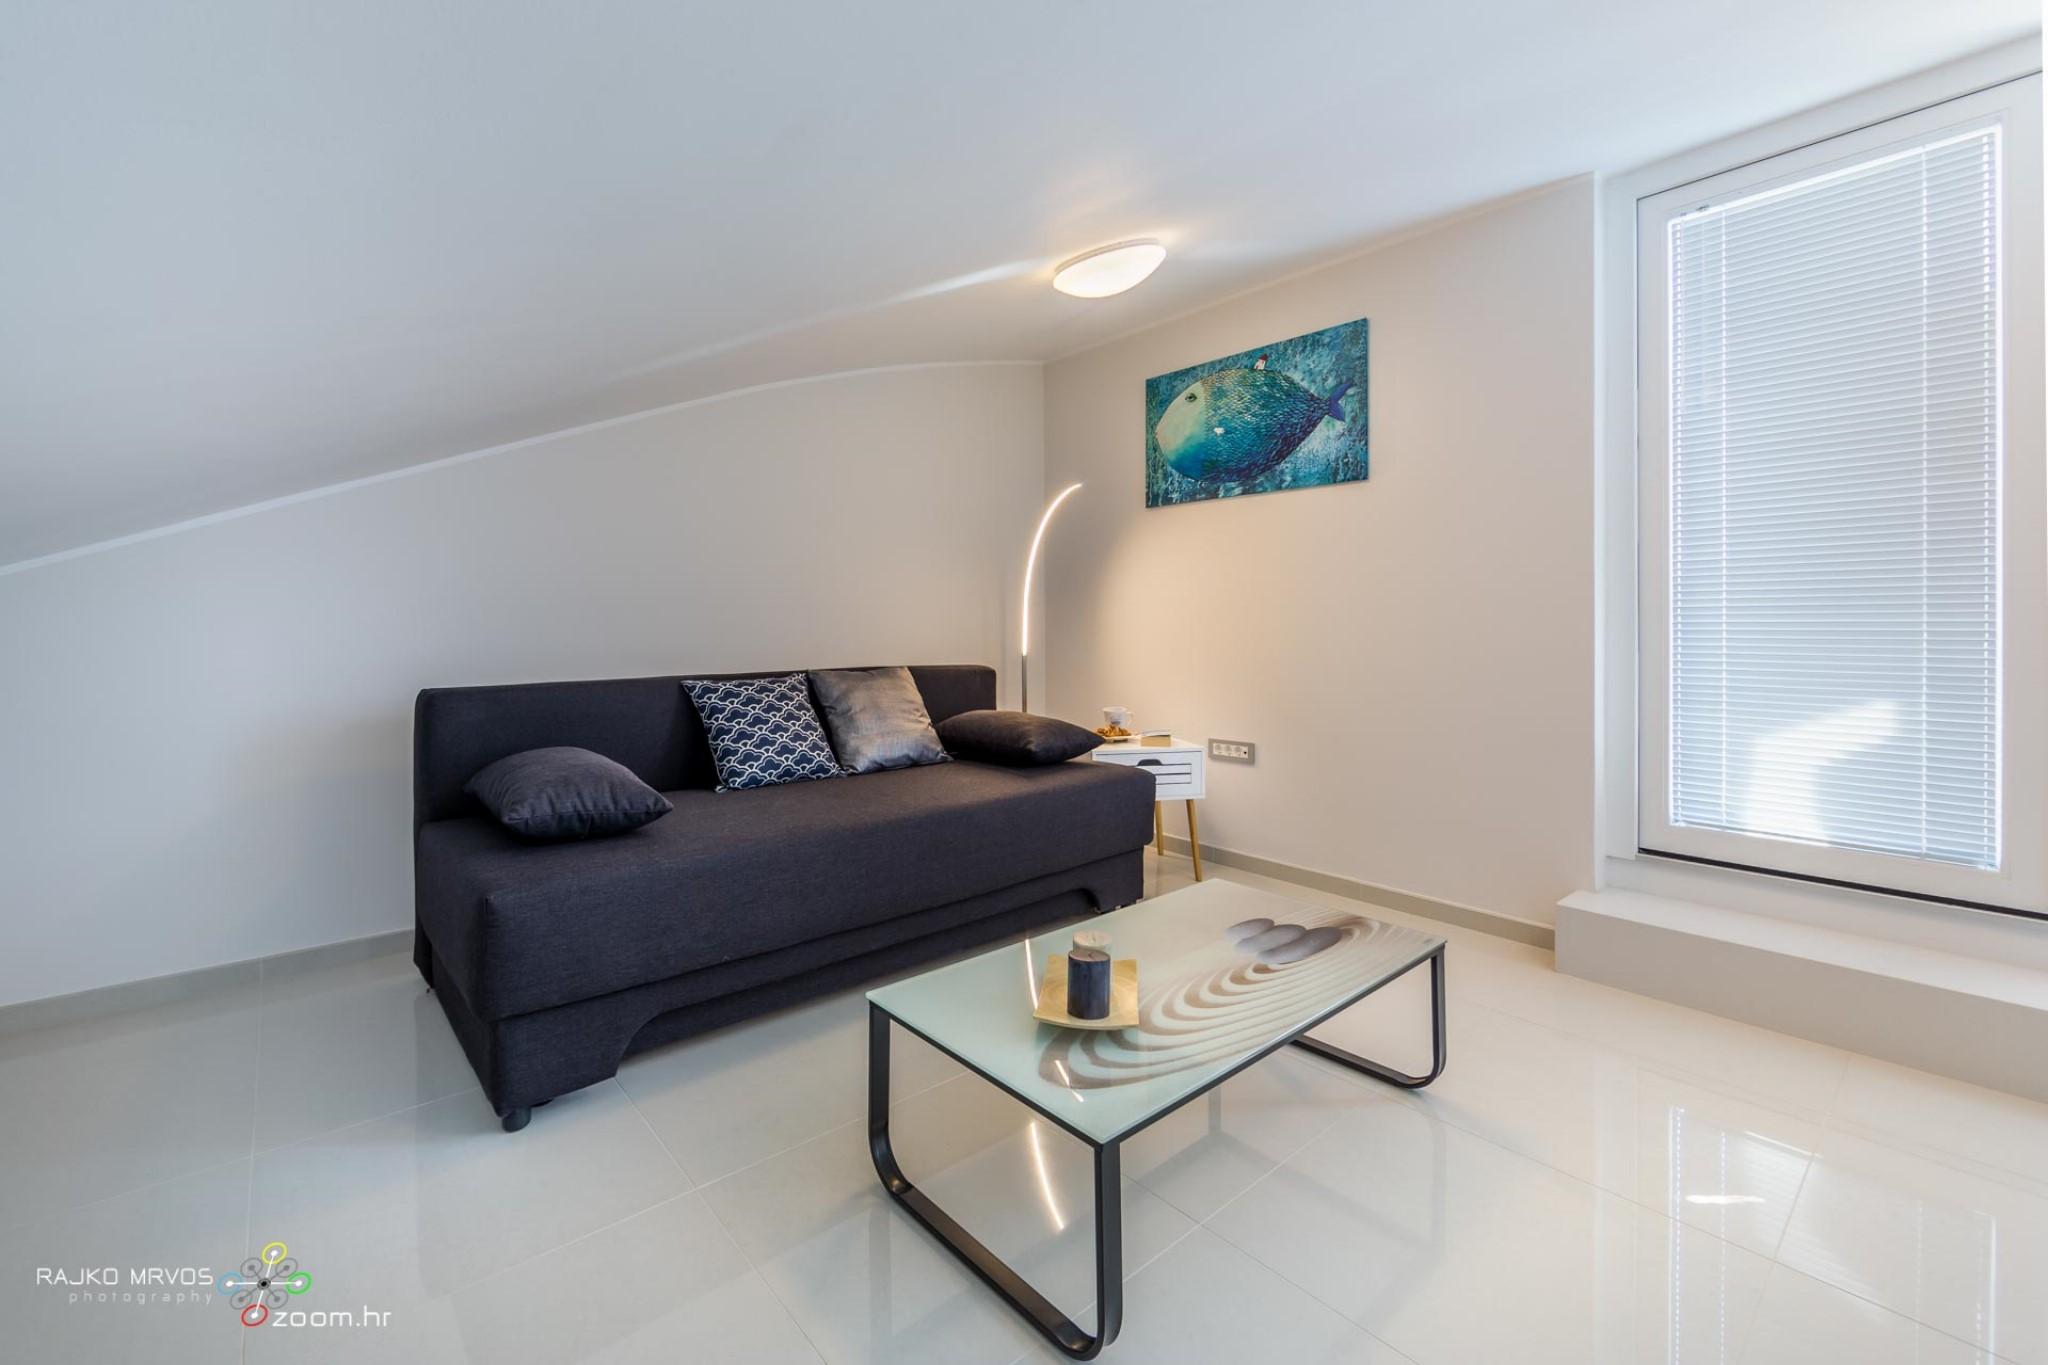 fotografiranje-interijera-fotograf-eksterijera-apartmana-vila-kuca-hotela-apartman-Pobri-Opatija-67